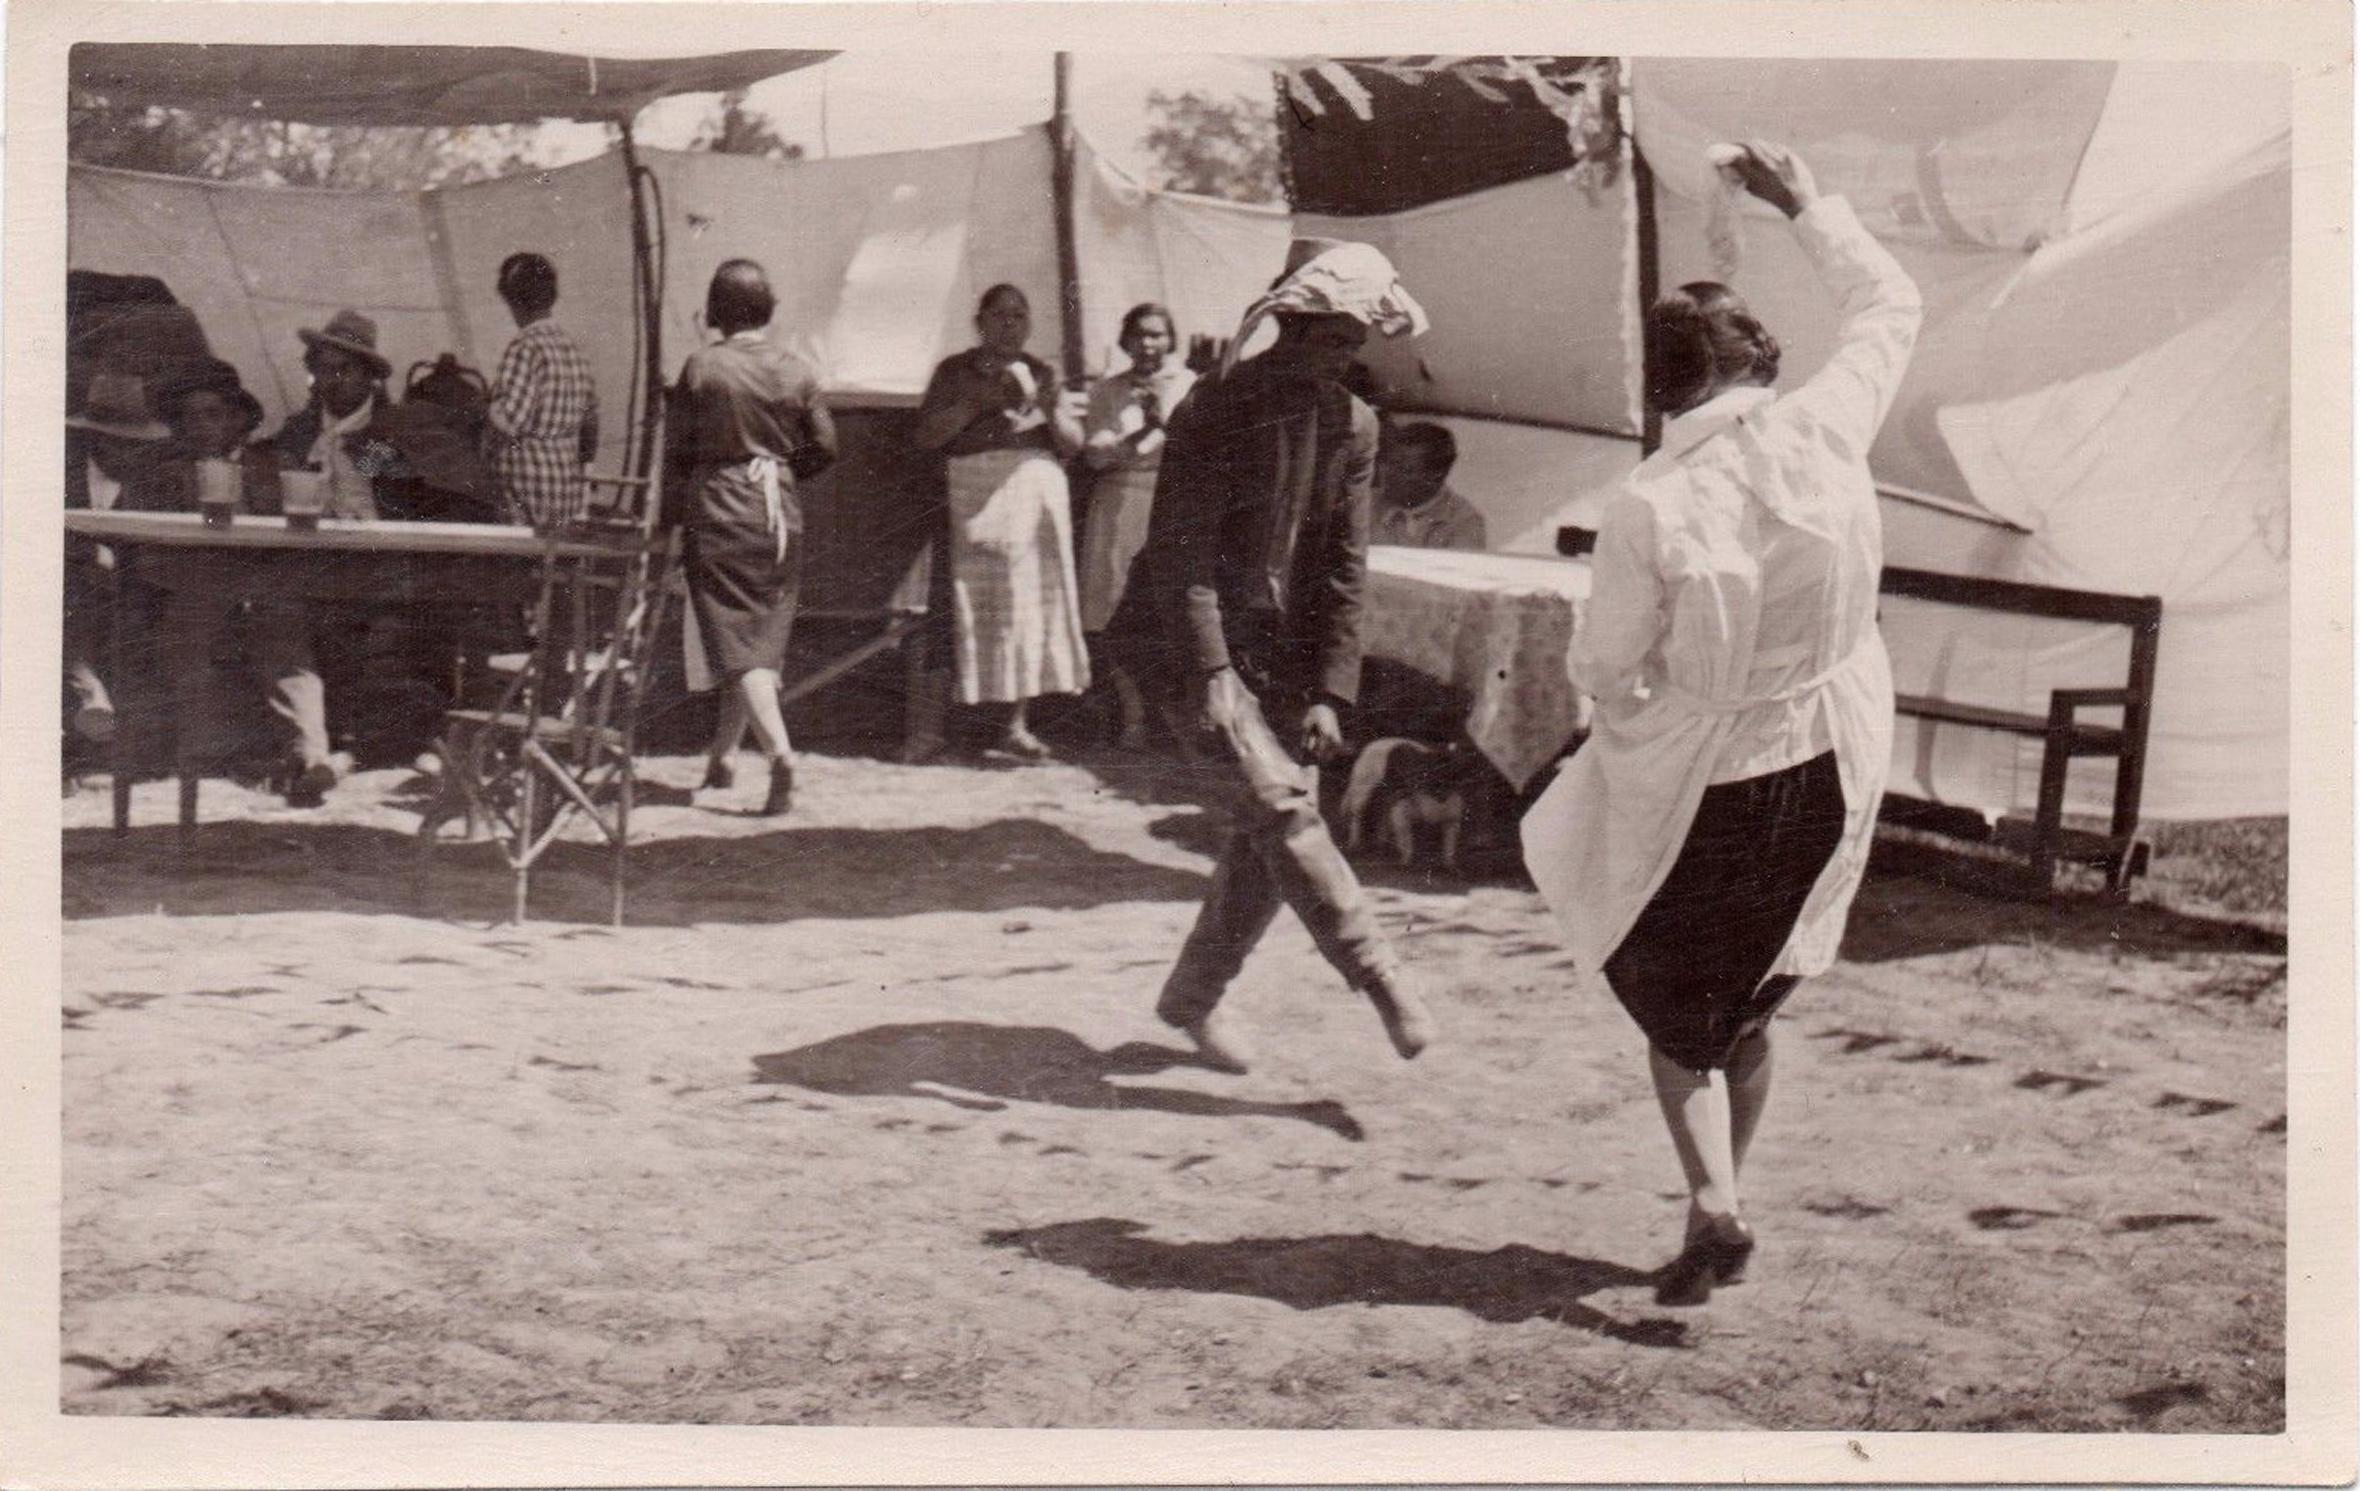 Enterreno - Fotos históricas de chile - fotos antiguas de Chile - Fonda en 1940